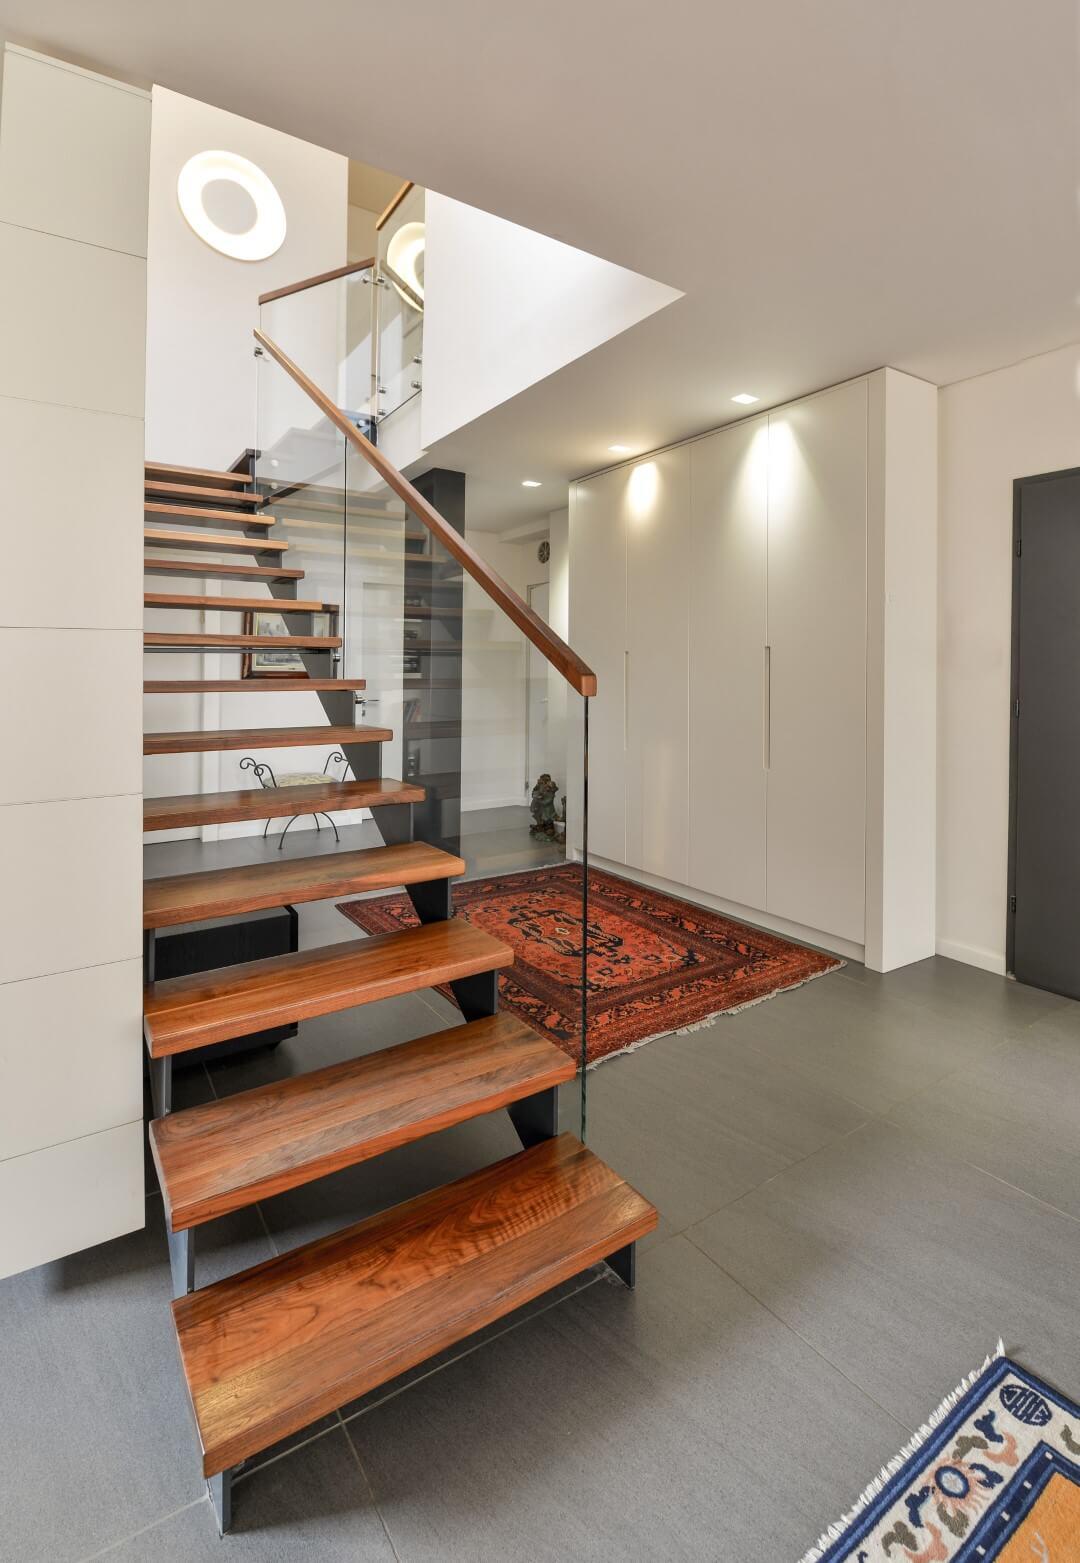 מדרגות ברזל שחור עם מעקה זכוכית ומאחז יד מעץ שמחזיקים מדרכי עץ אגוז אמריקאי בגוונים של חום חלוד, ושיזוף הוואי